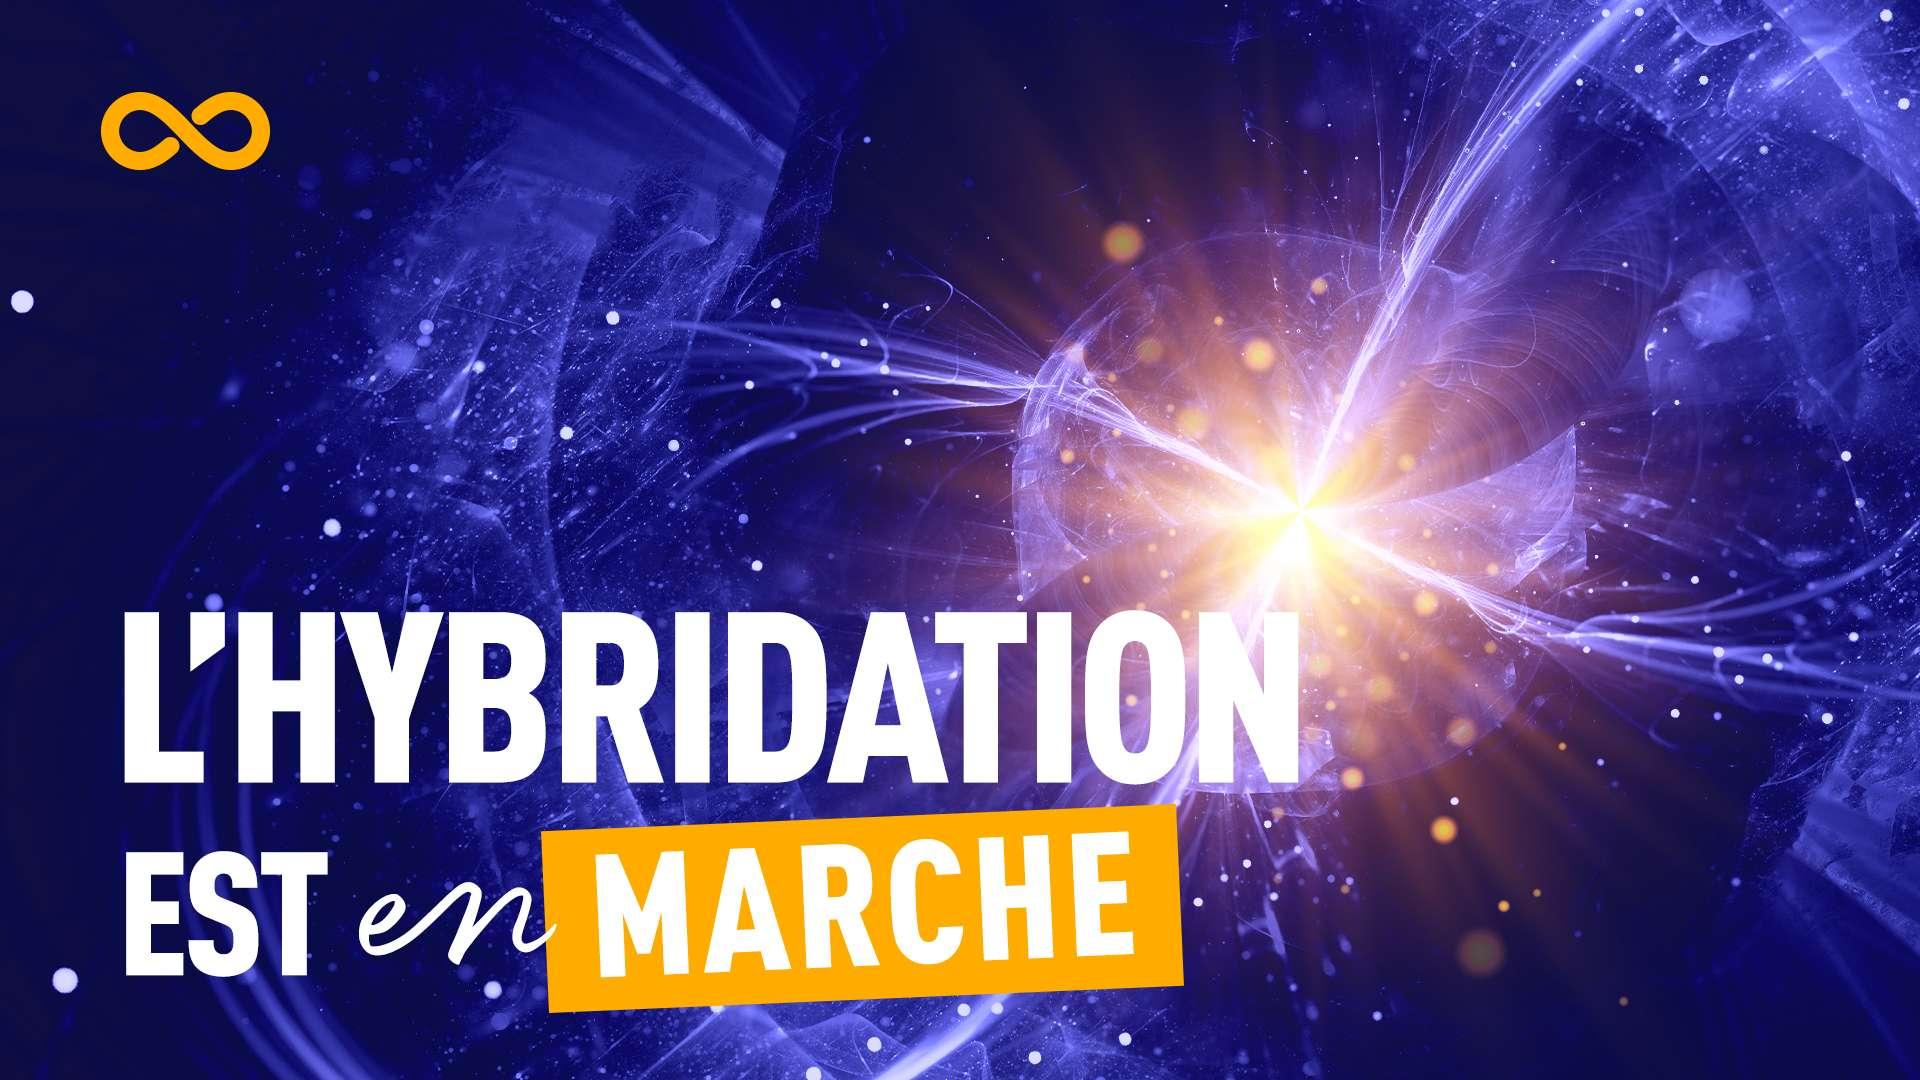 hybridation-en-marche